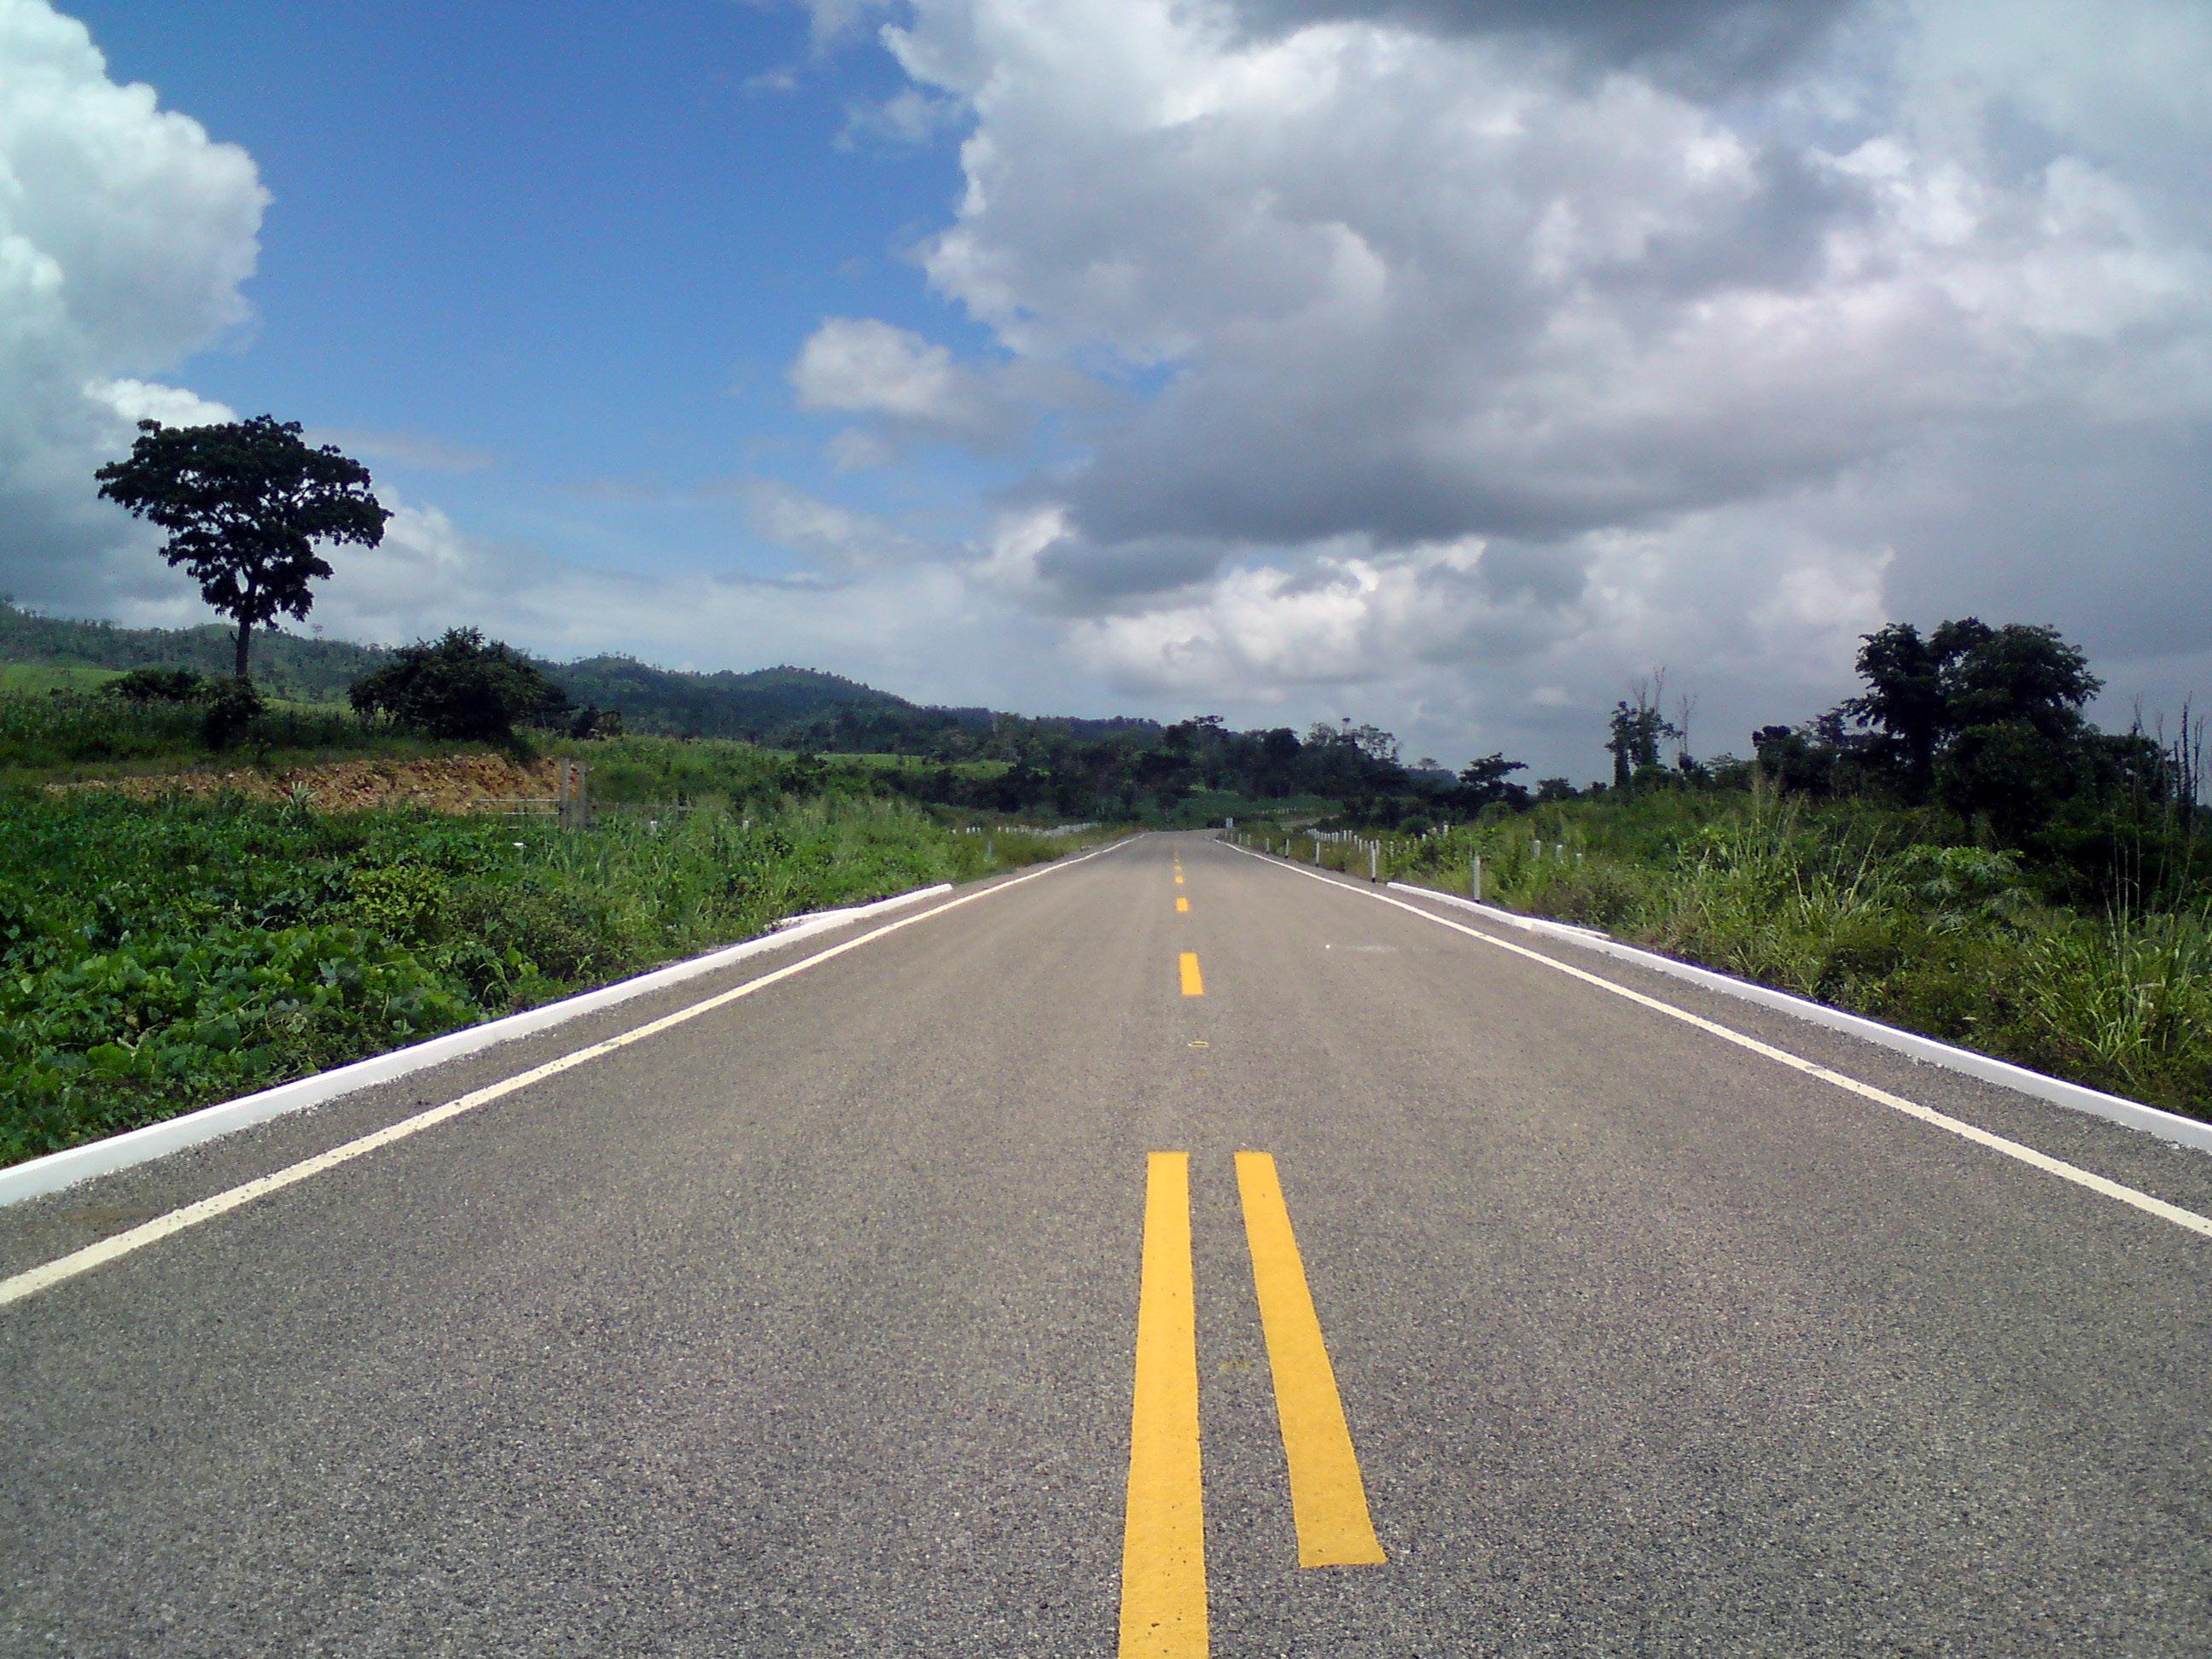 CAF: Las carreteras de América Latina no están suficientemente preparadas para enfrentar el cambio climático